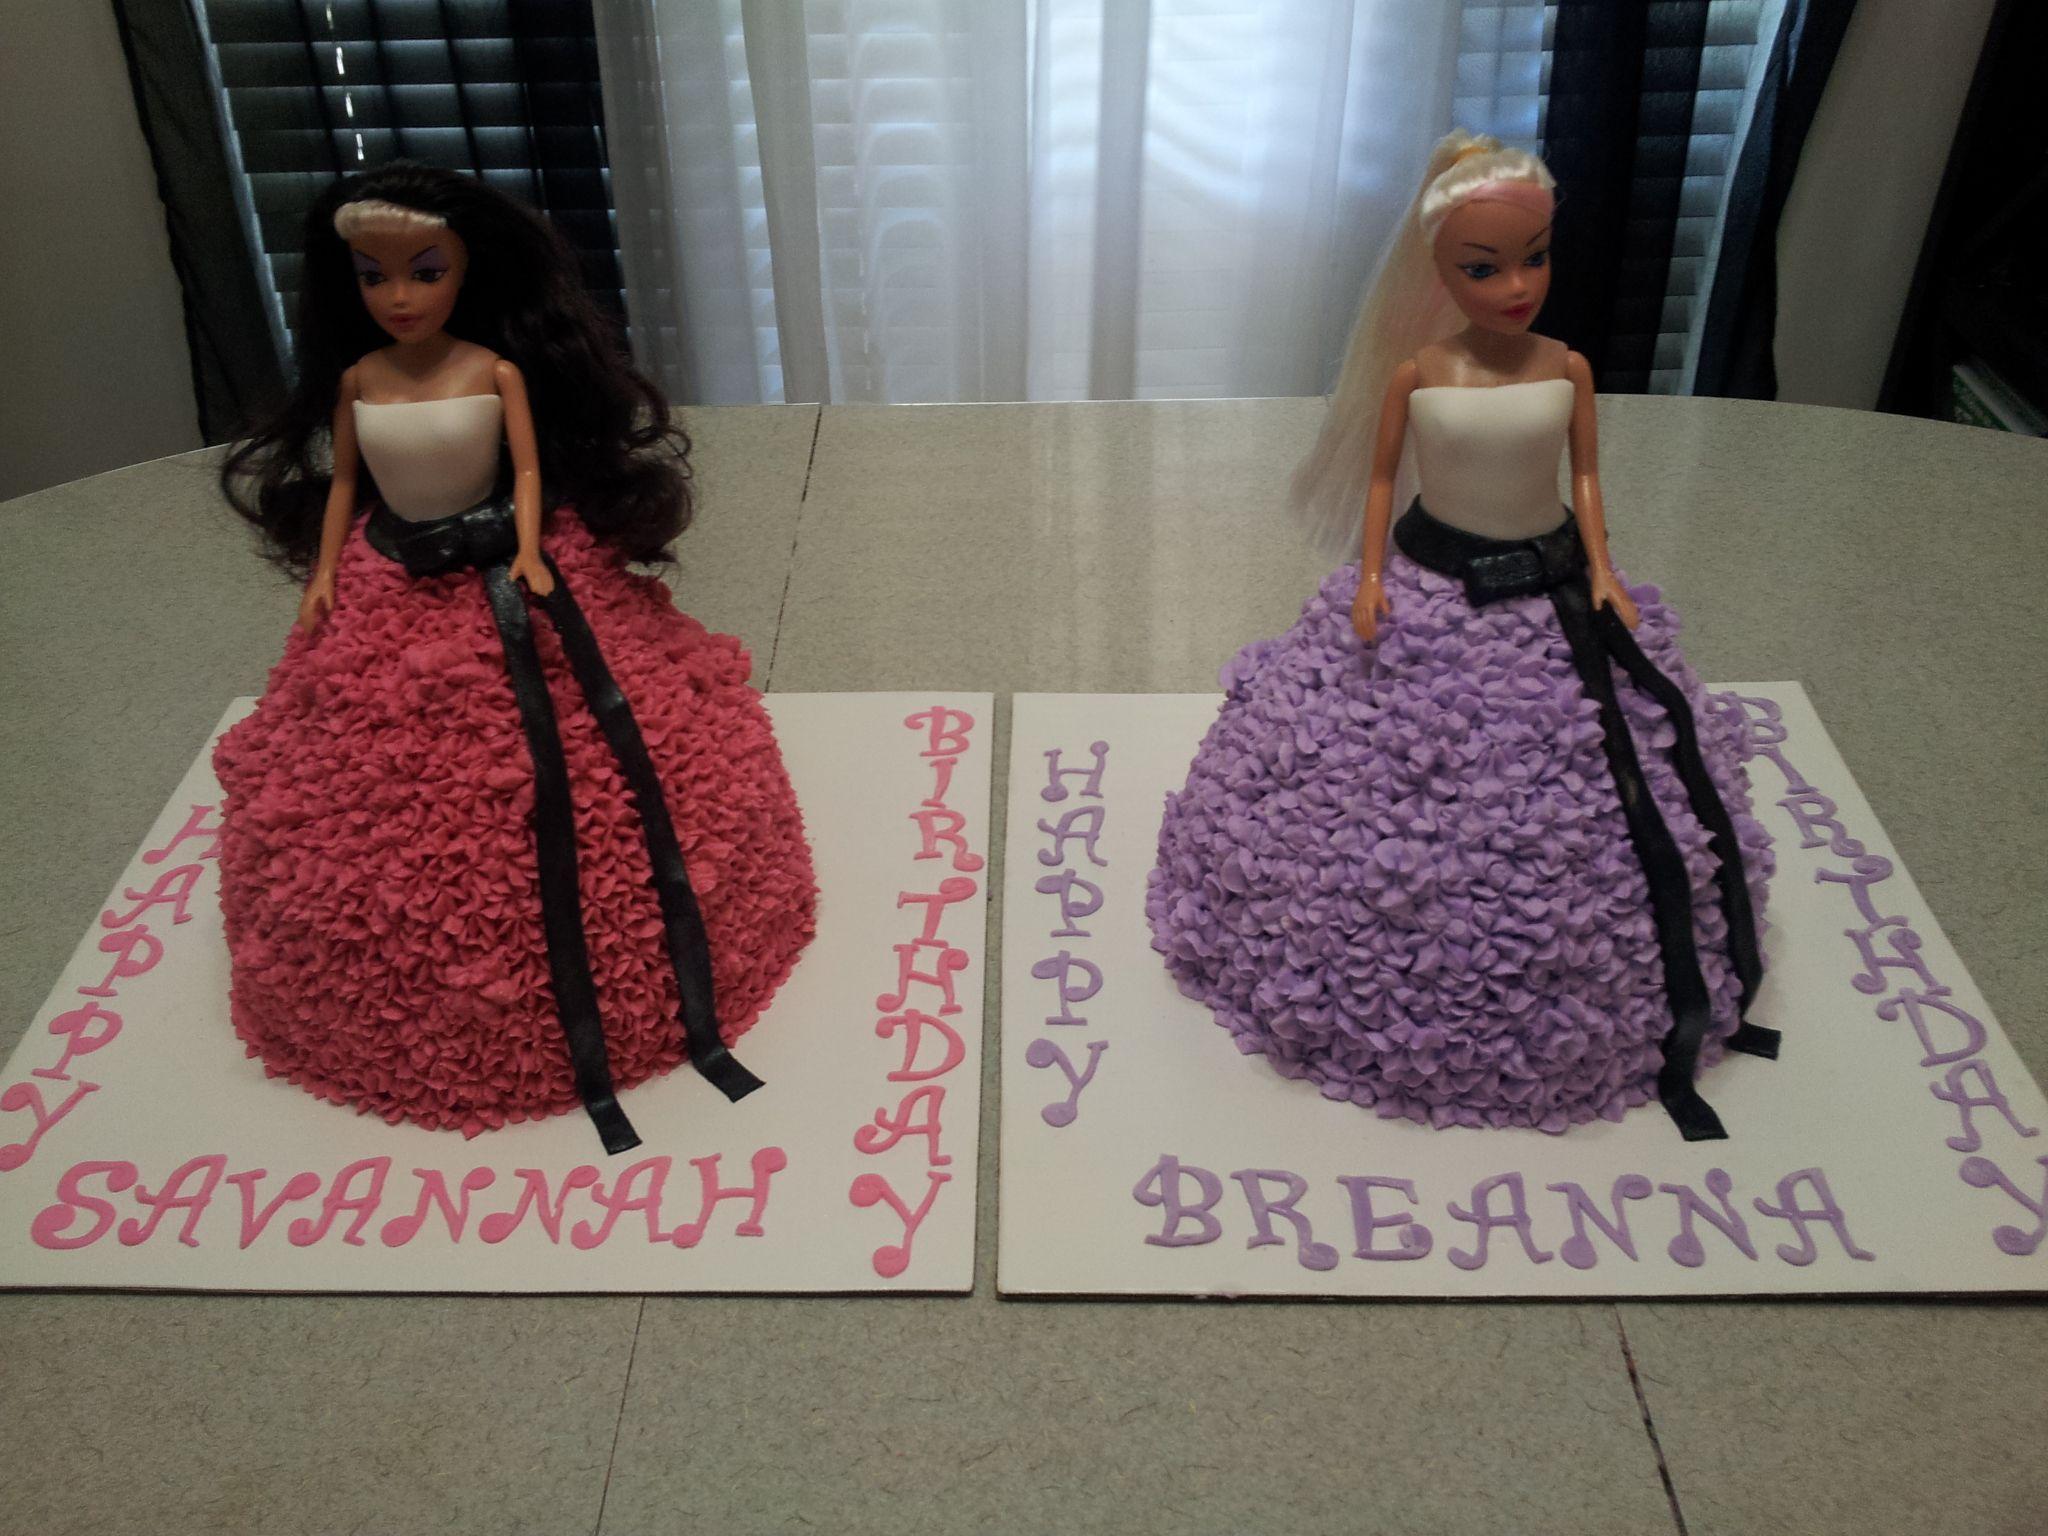 Barbie cakes.